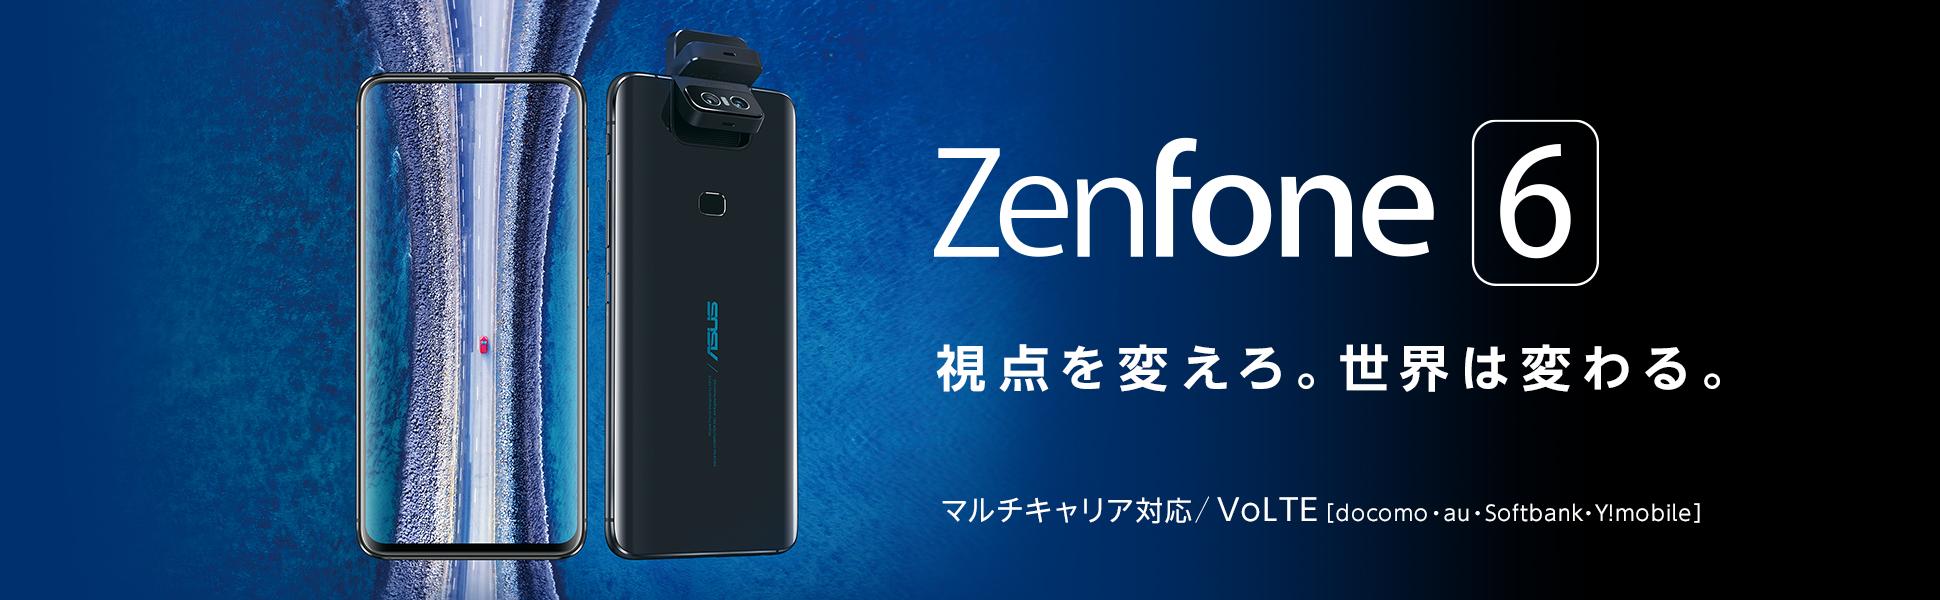 ゼンフォン6